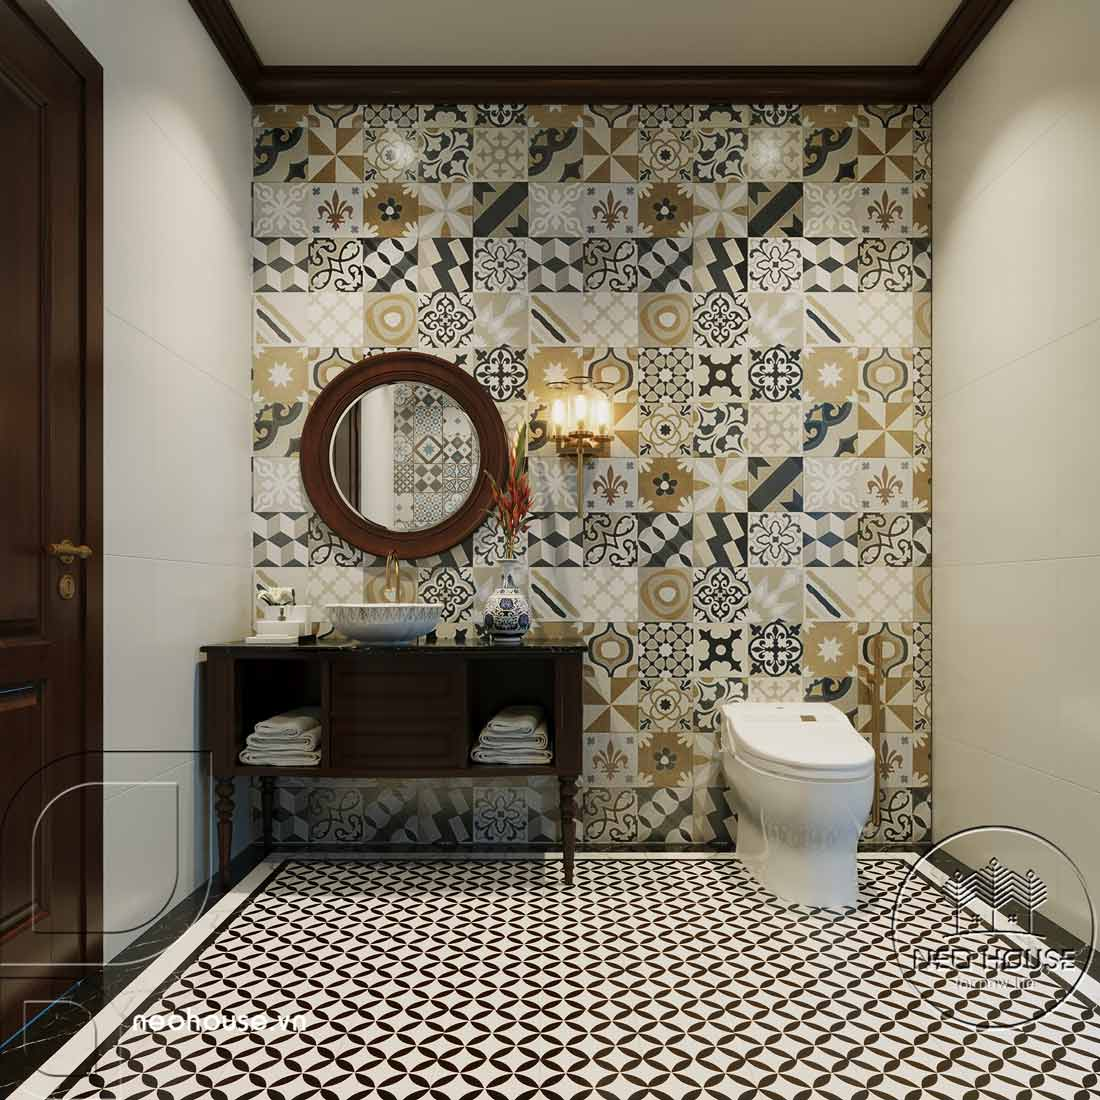 Thiết kế nội thất phong cách Indochine. Ảnh 20